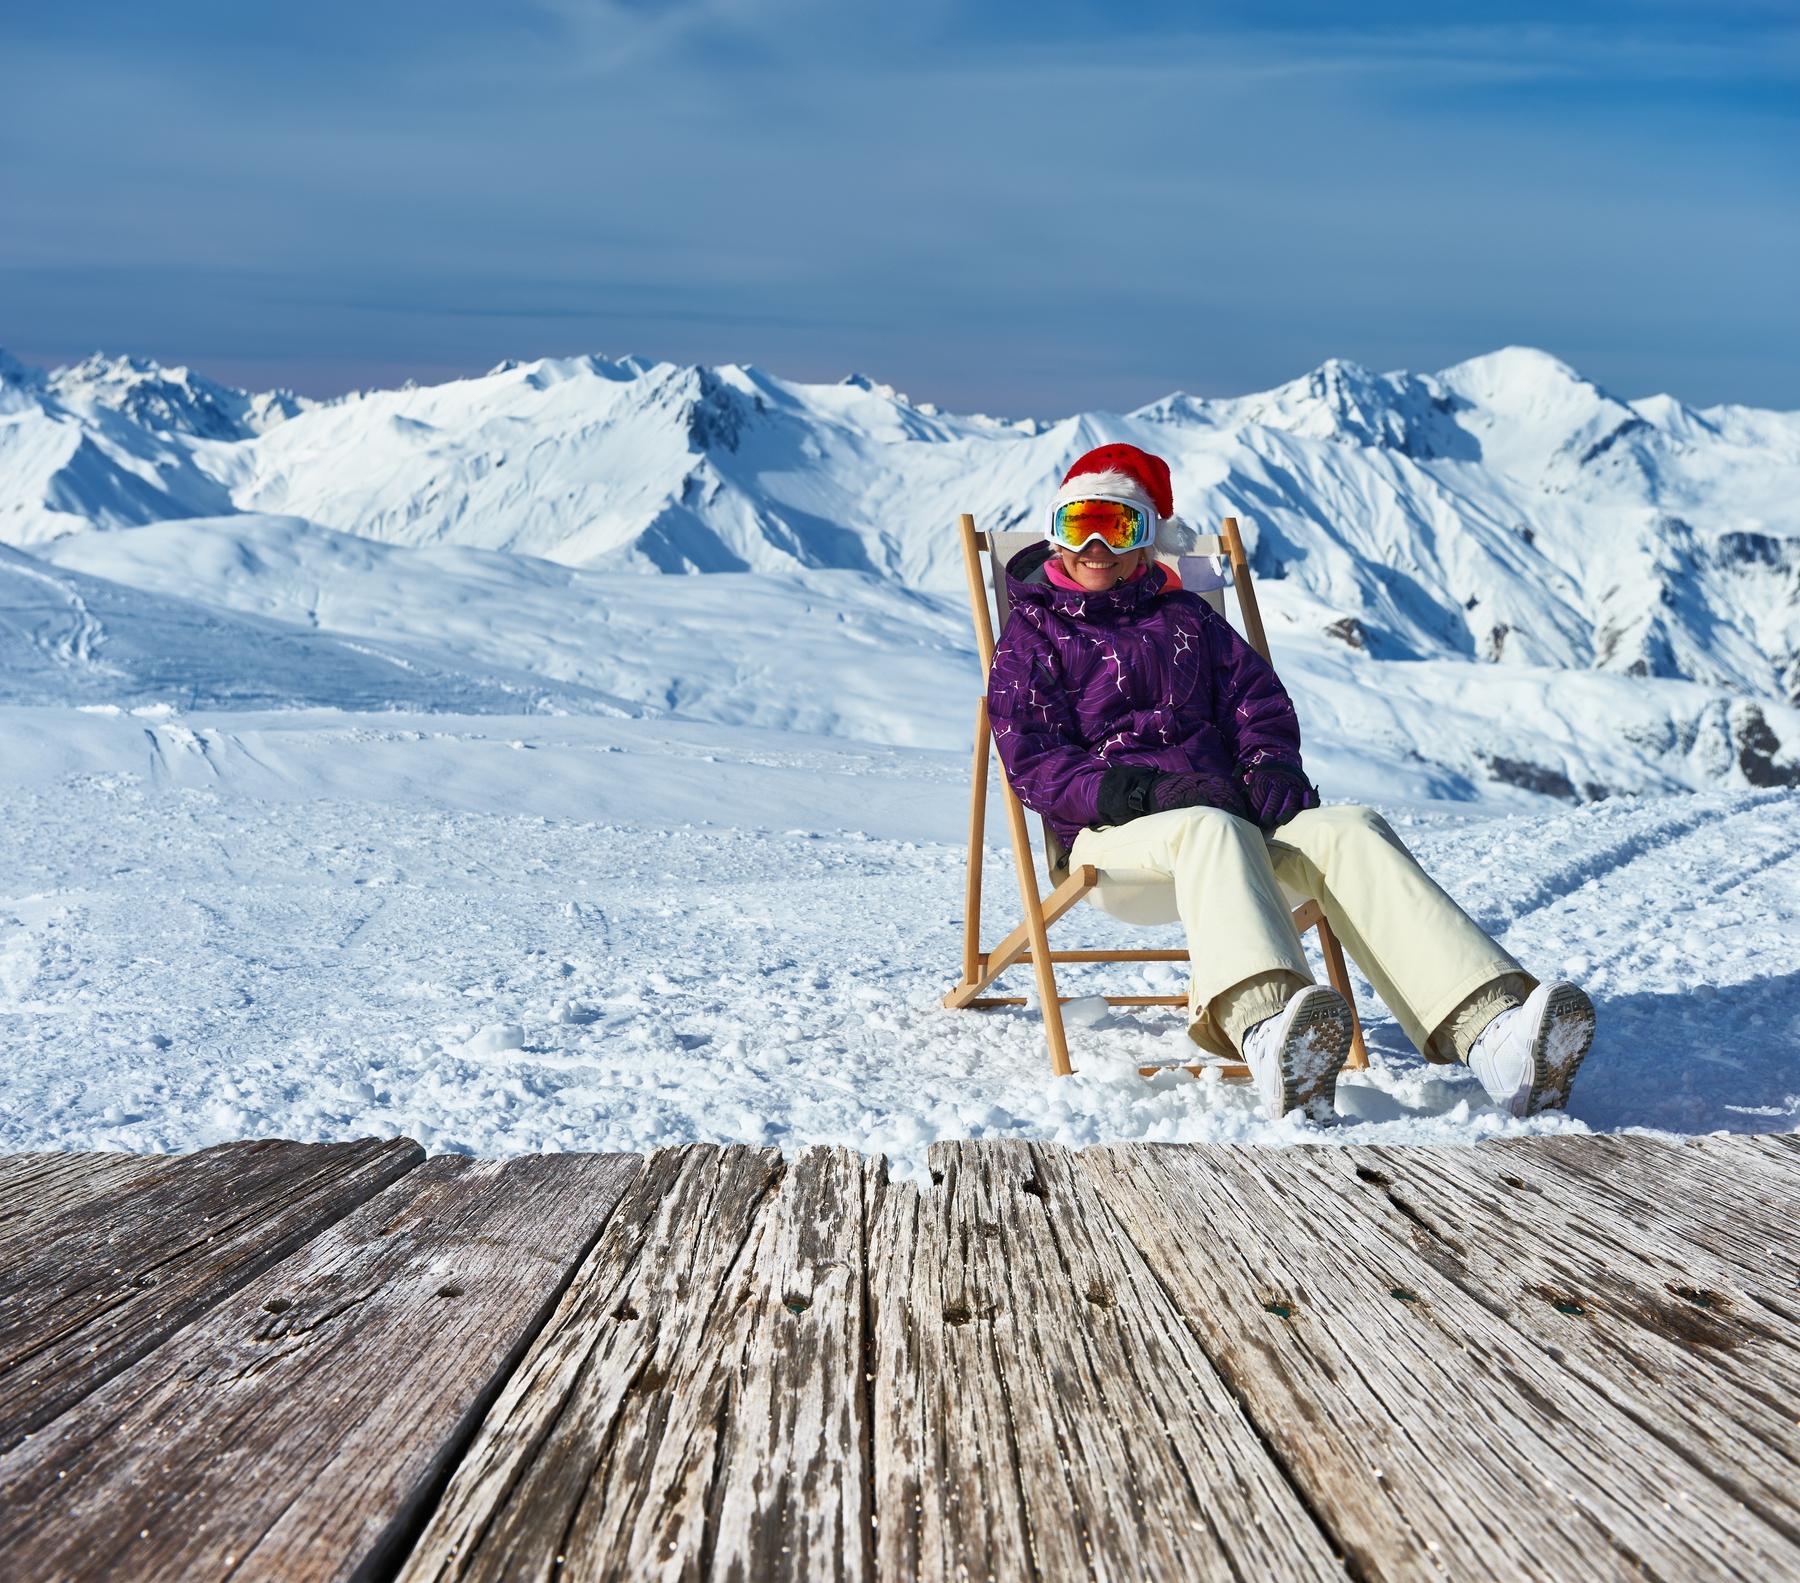 Skier en 2021 sera différent des autres années